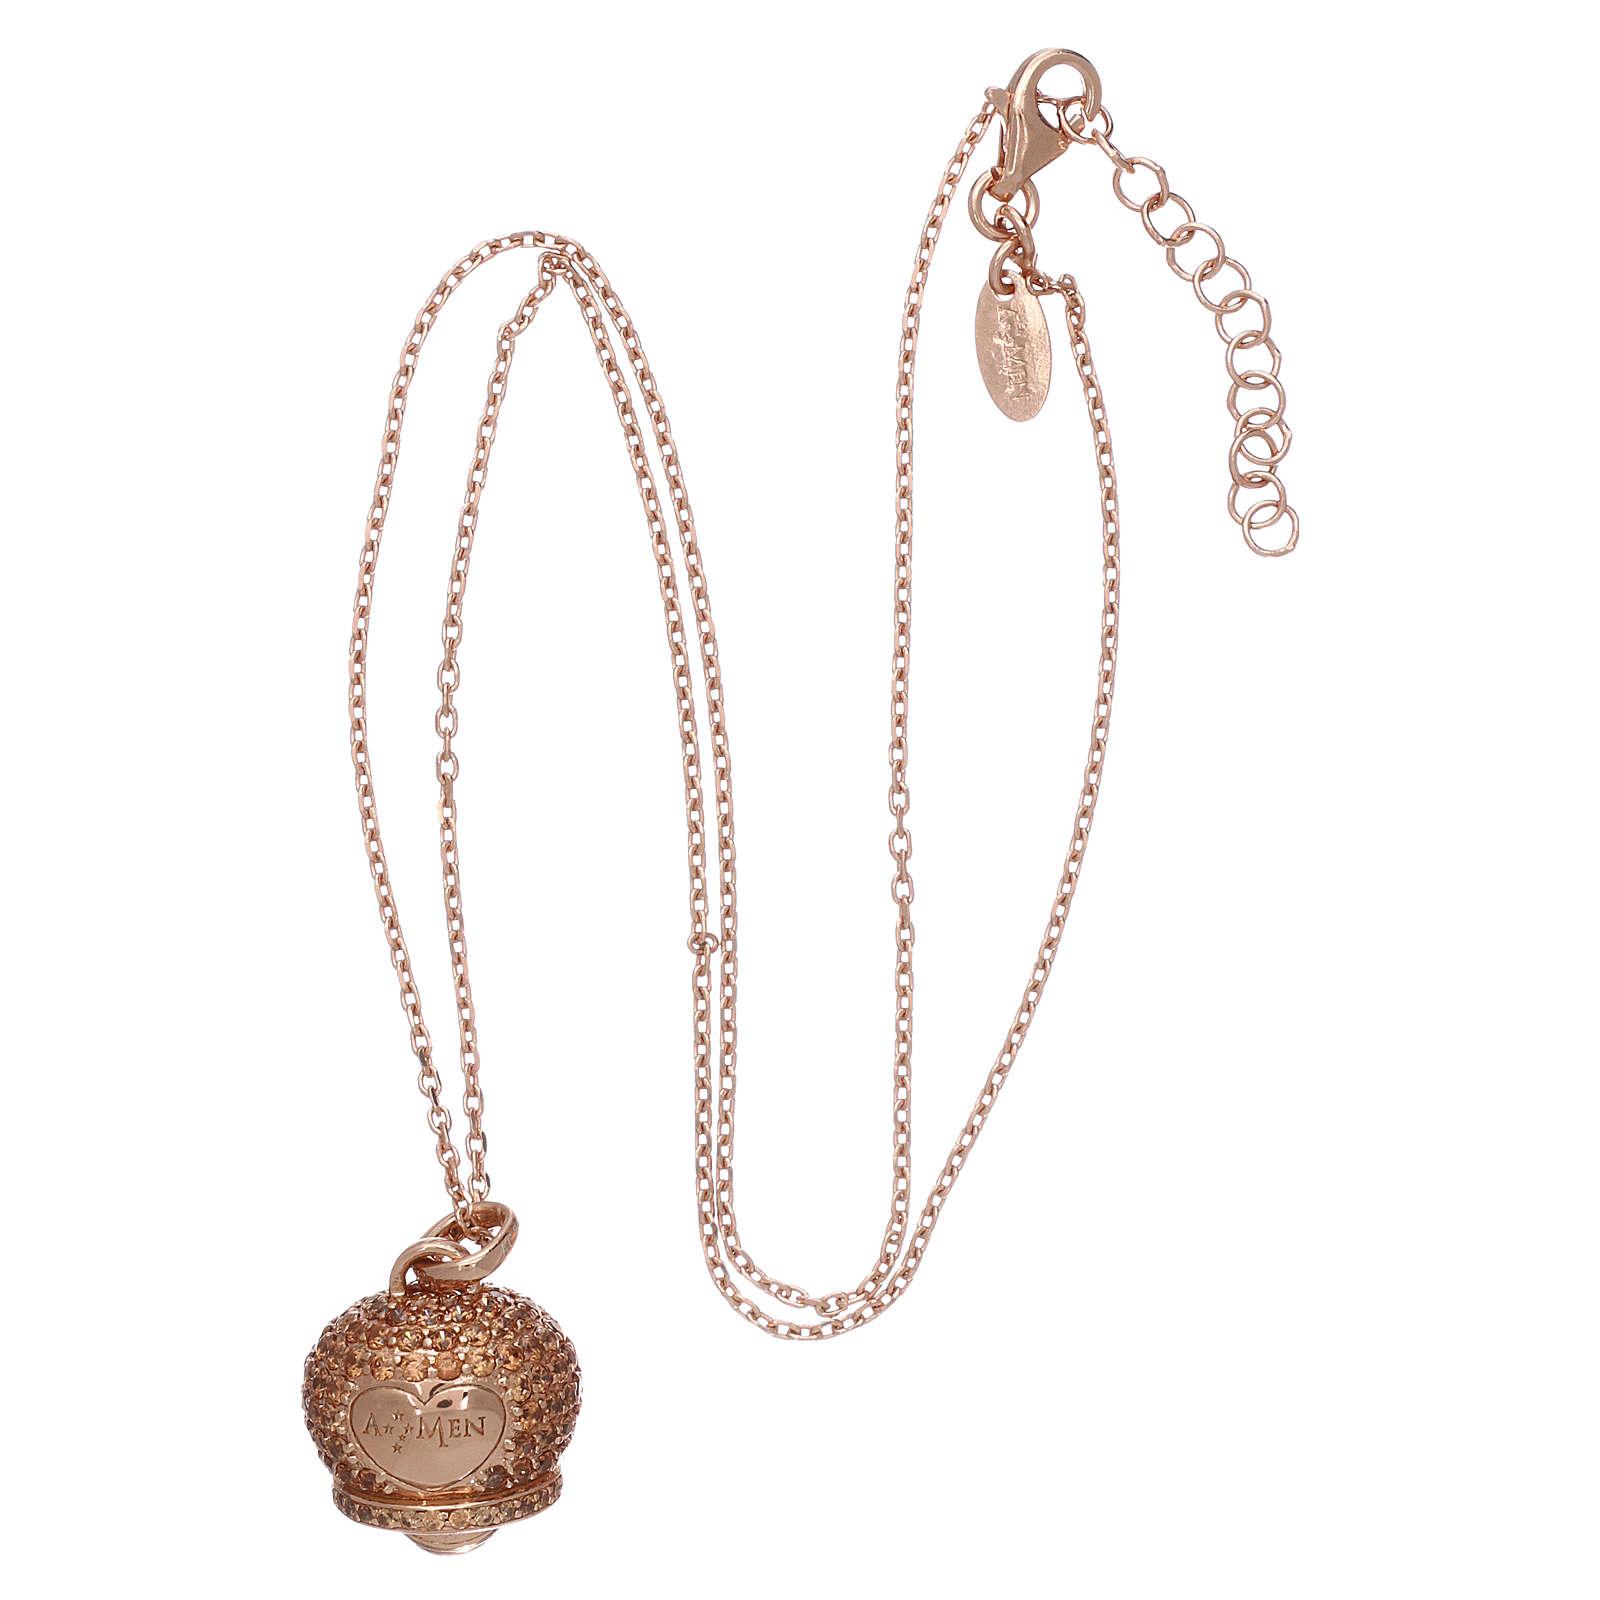 Collana argento 925 rosè ciondolo campanella con zirconi AMEN 4